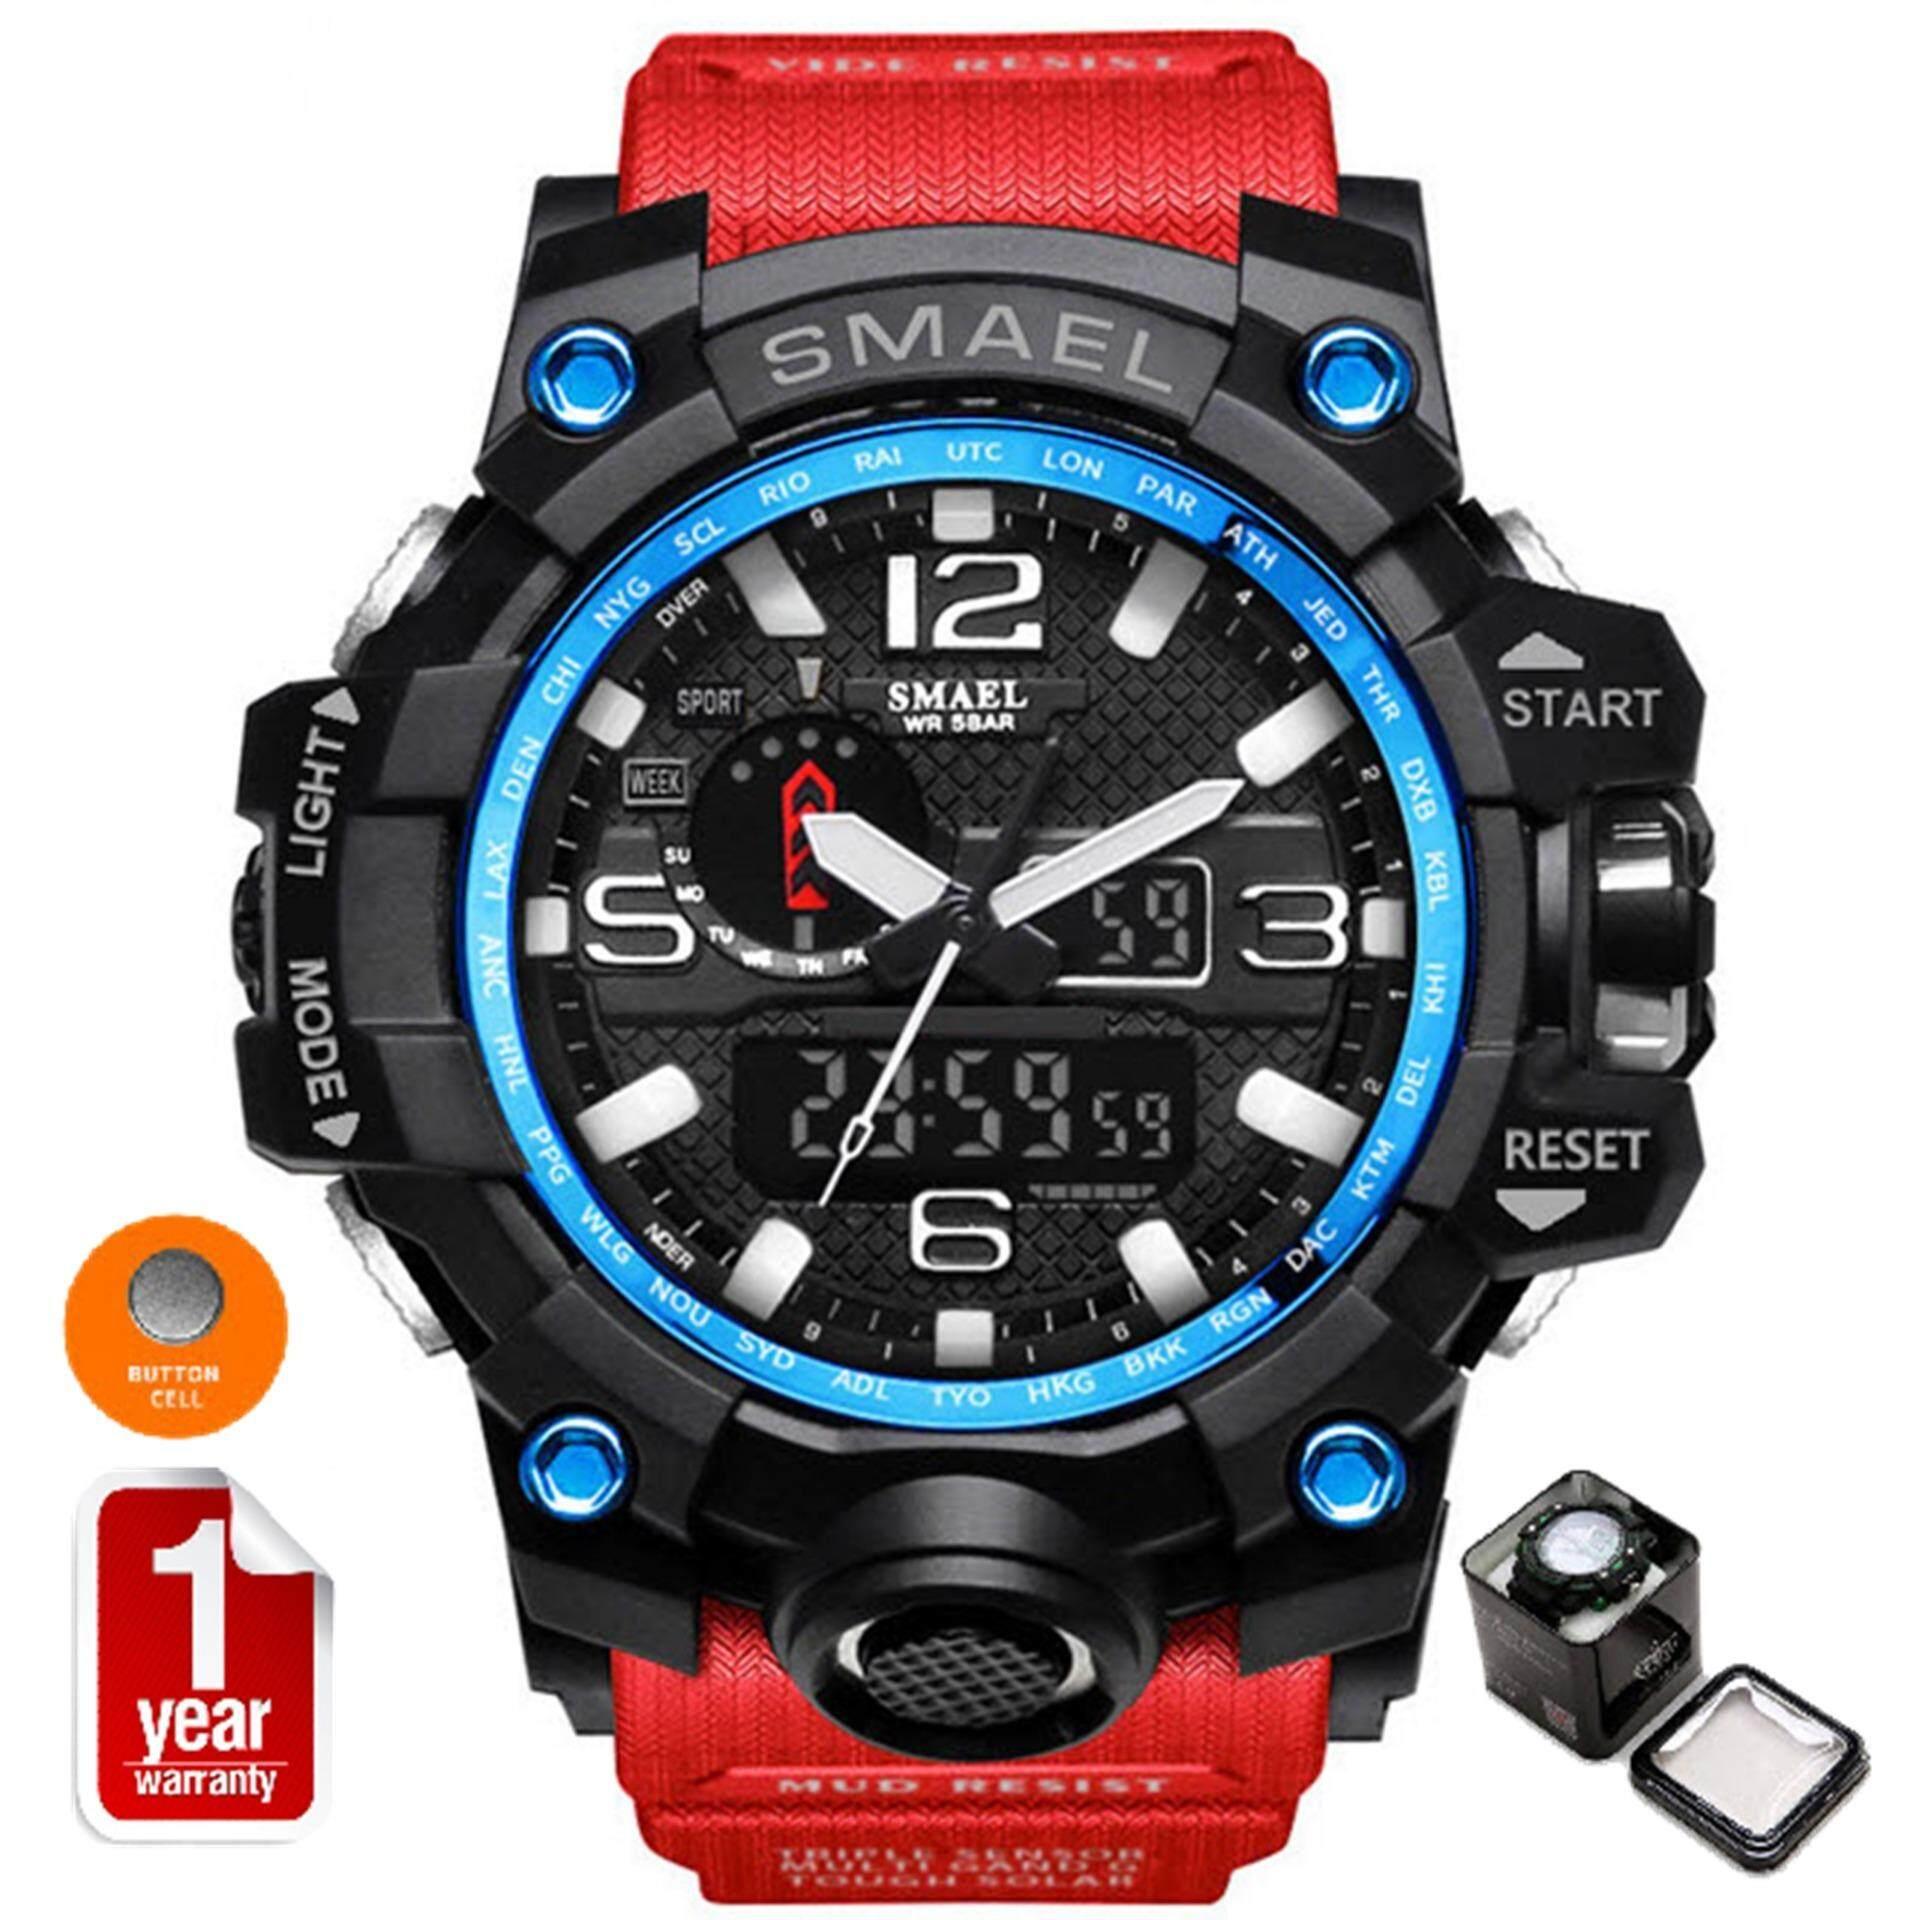 ซื้อ Smael นาฬิกาข้อมือผู้ชาย Sport Digital Led รุ่น Sm1545 Red ใหม่